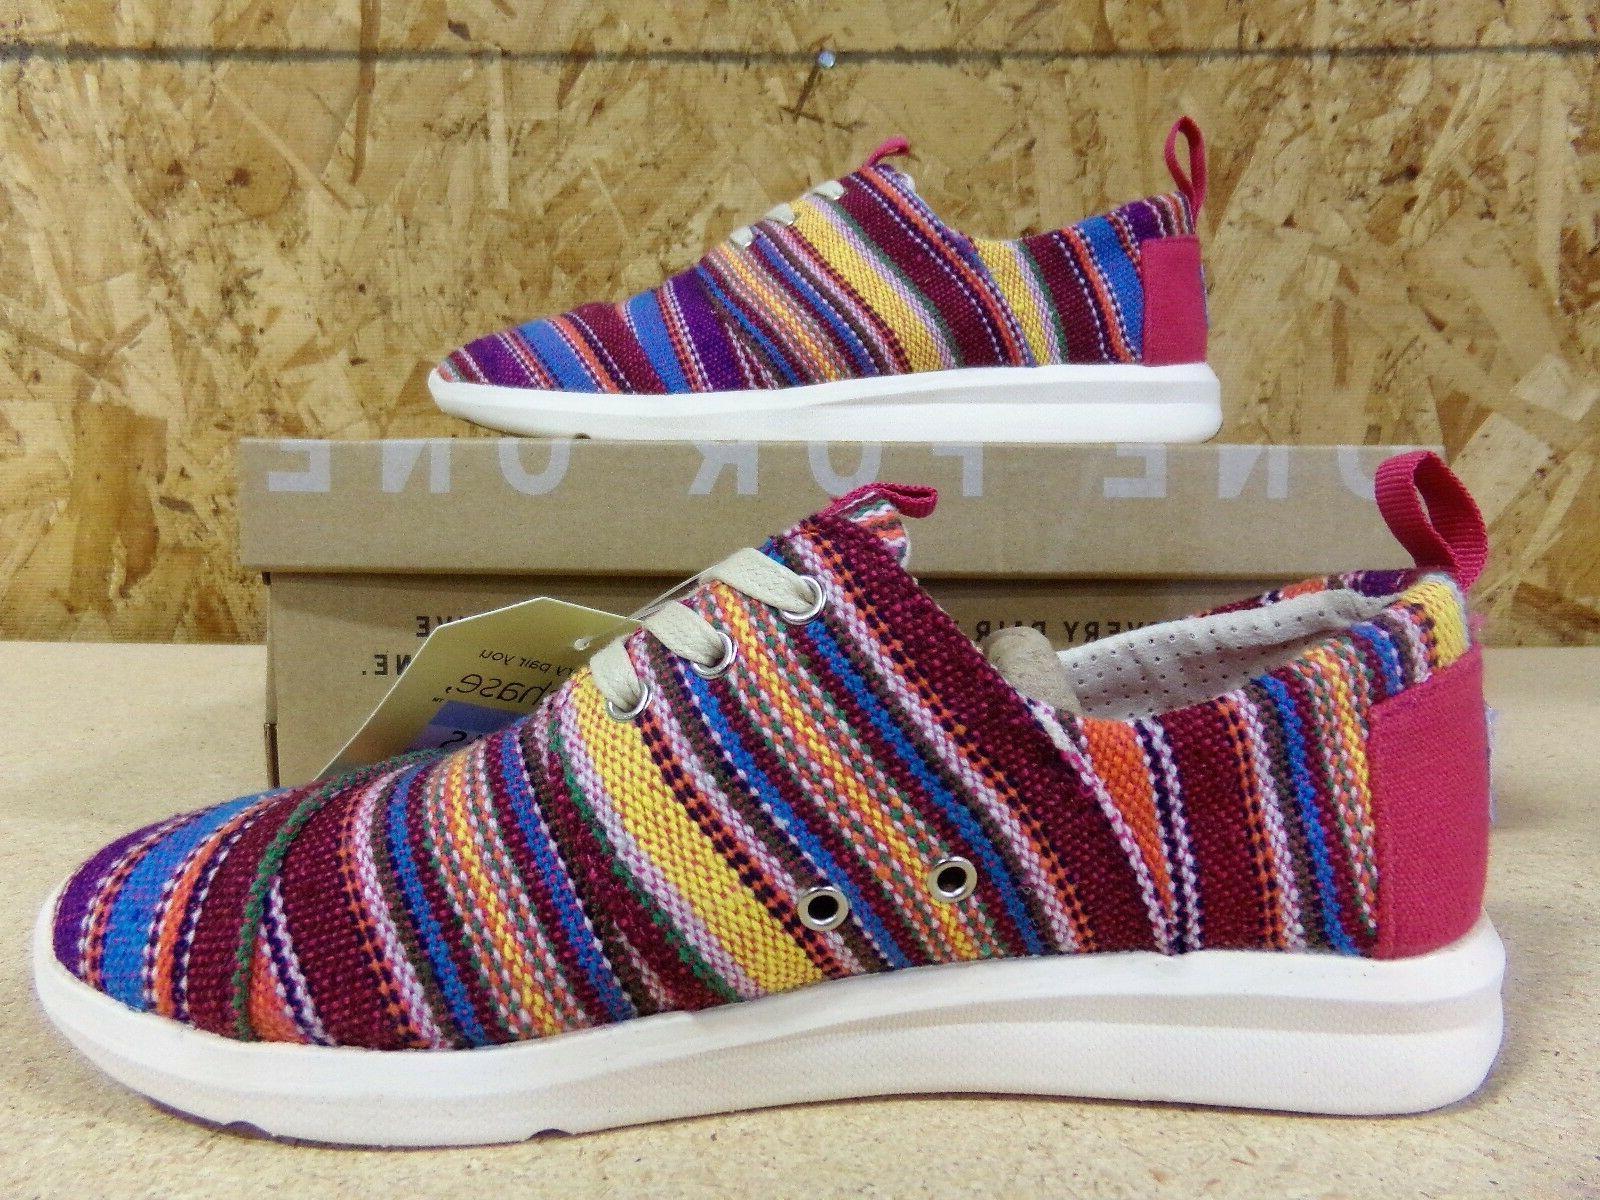 del rey womens raspberry tribal woven sneakers